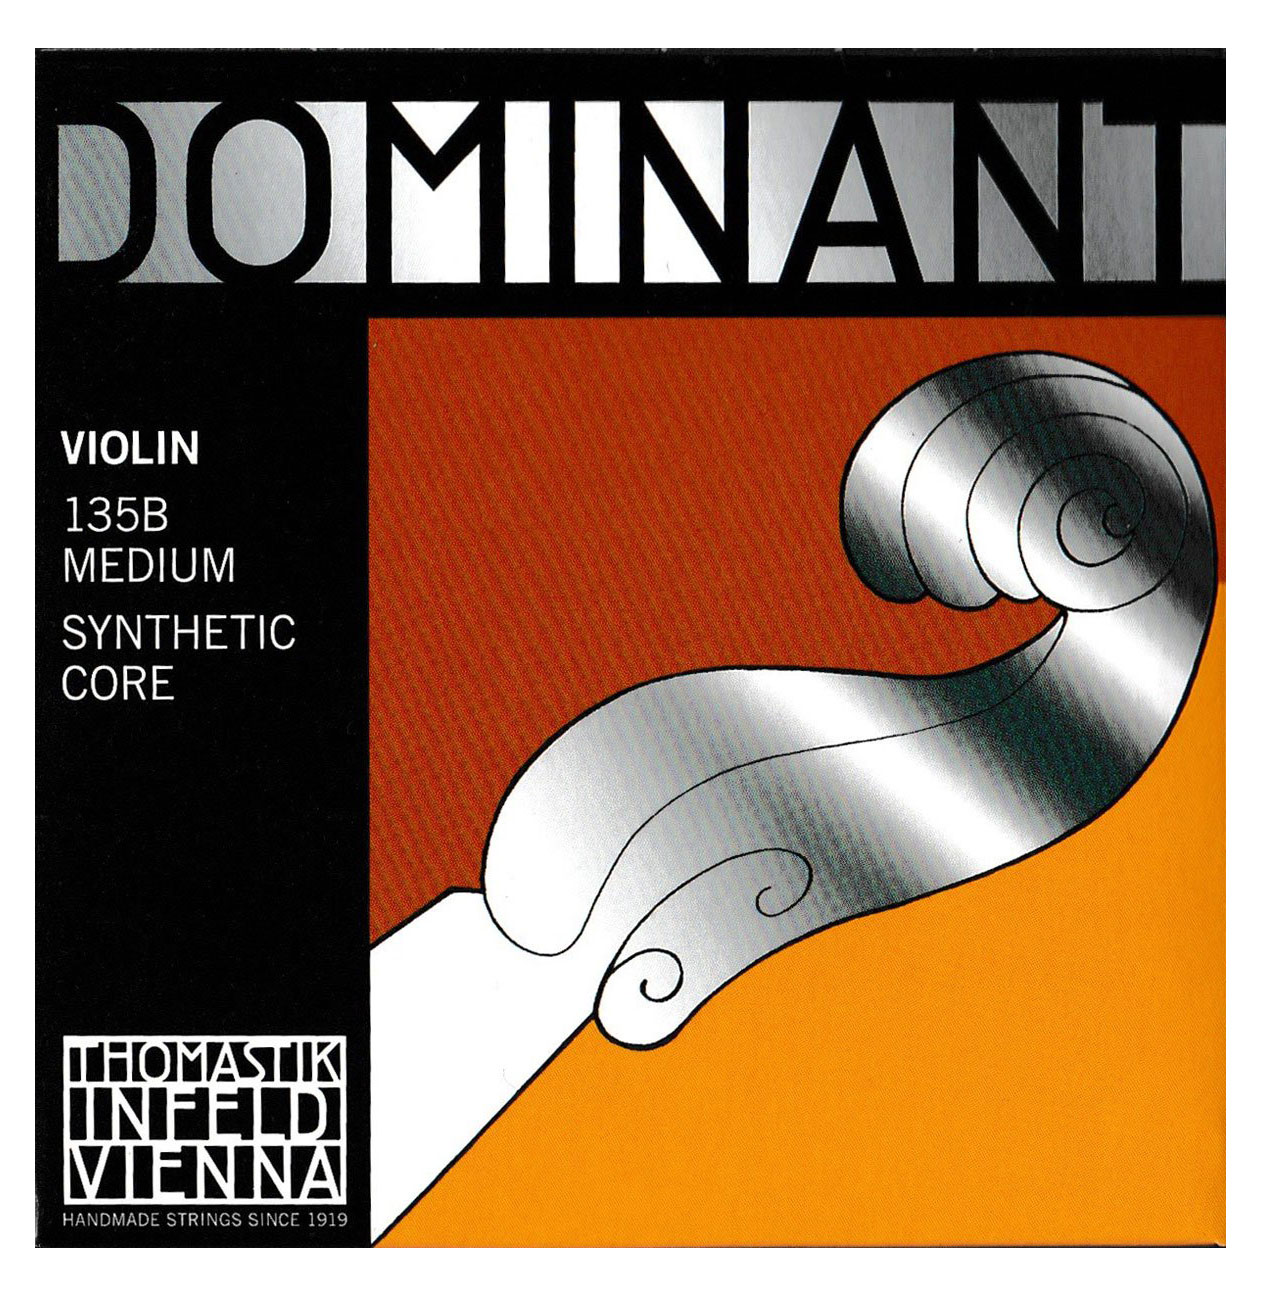 Streichsaiten - Thomastik Dominant 135B Saitensatz für Violine 4|4 - Onlineshop Musikhaus Kirstein